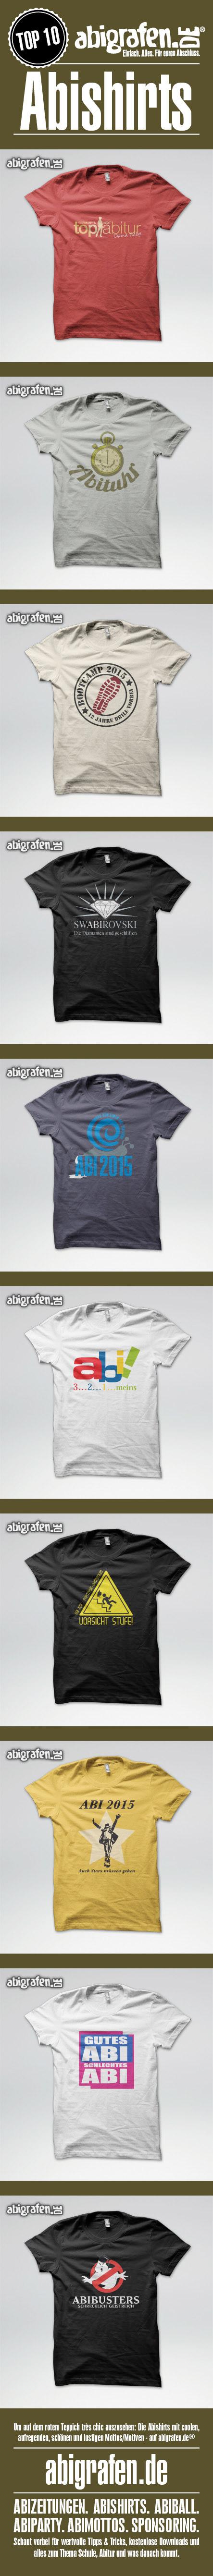 #Abishirts #Tshirts #Abschlussshirts #Abishirt #T-Shirt #Abikleidung #Abifashion #abishirtdruck #abisprüchefürshirts #abishirtmotive #günstigshirtsbedrucken #t-shirtsimsiebdruck #textildruckonline #abimottos #abilogo #drucken